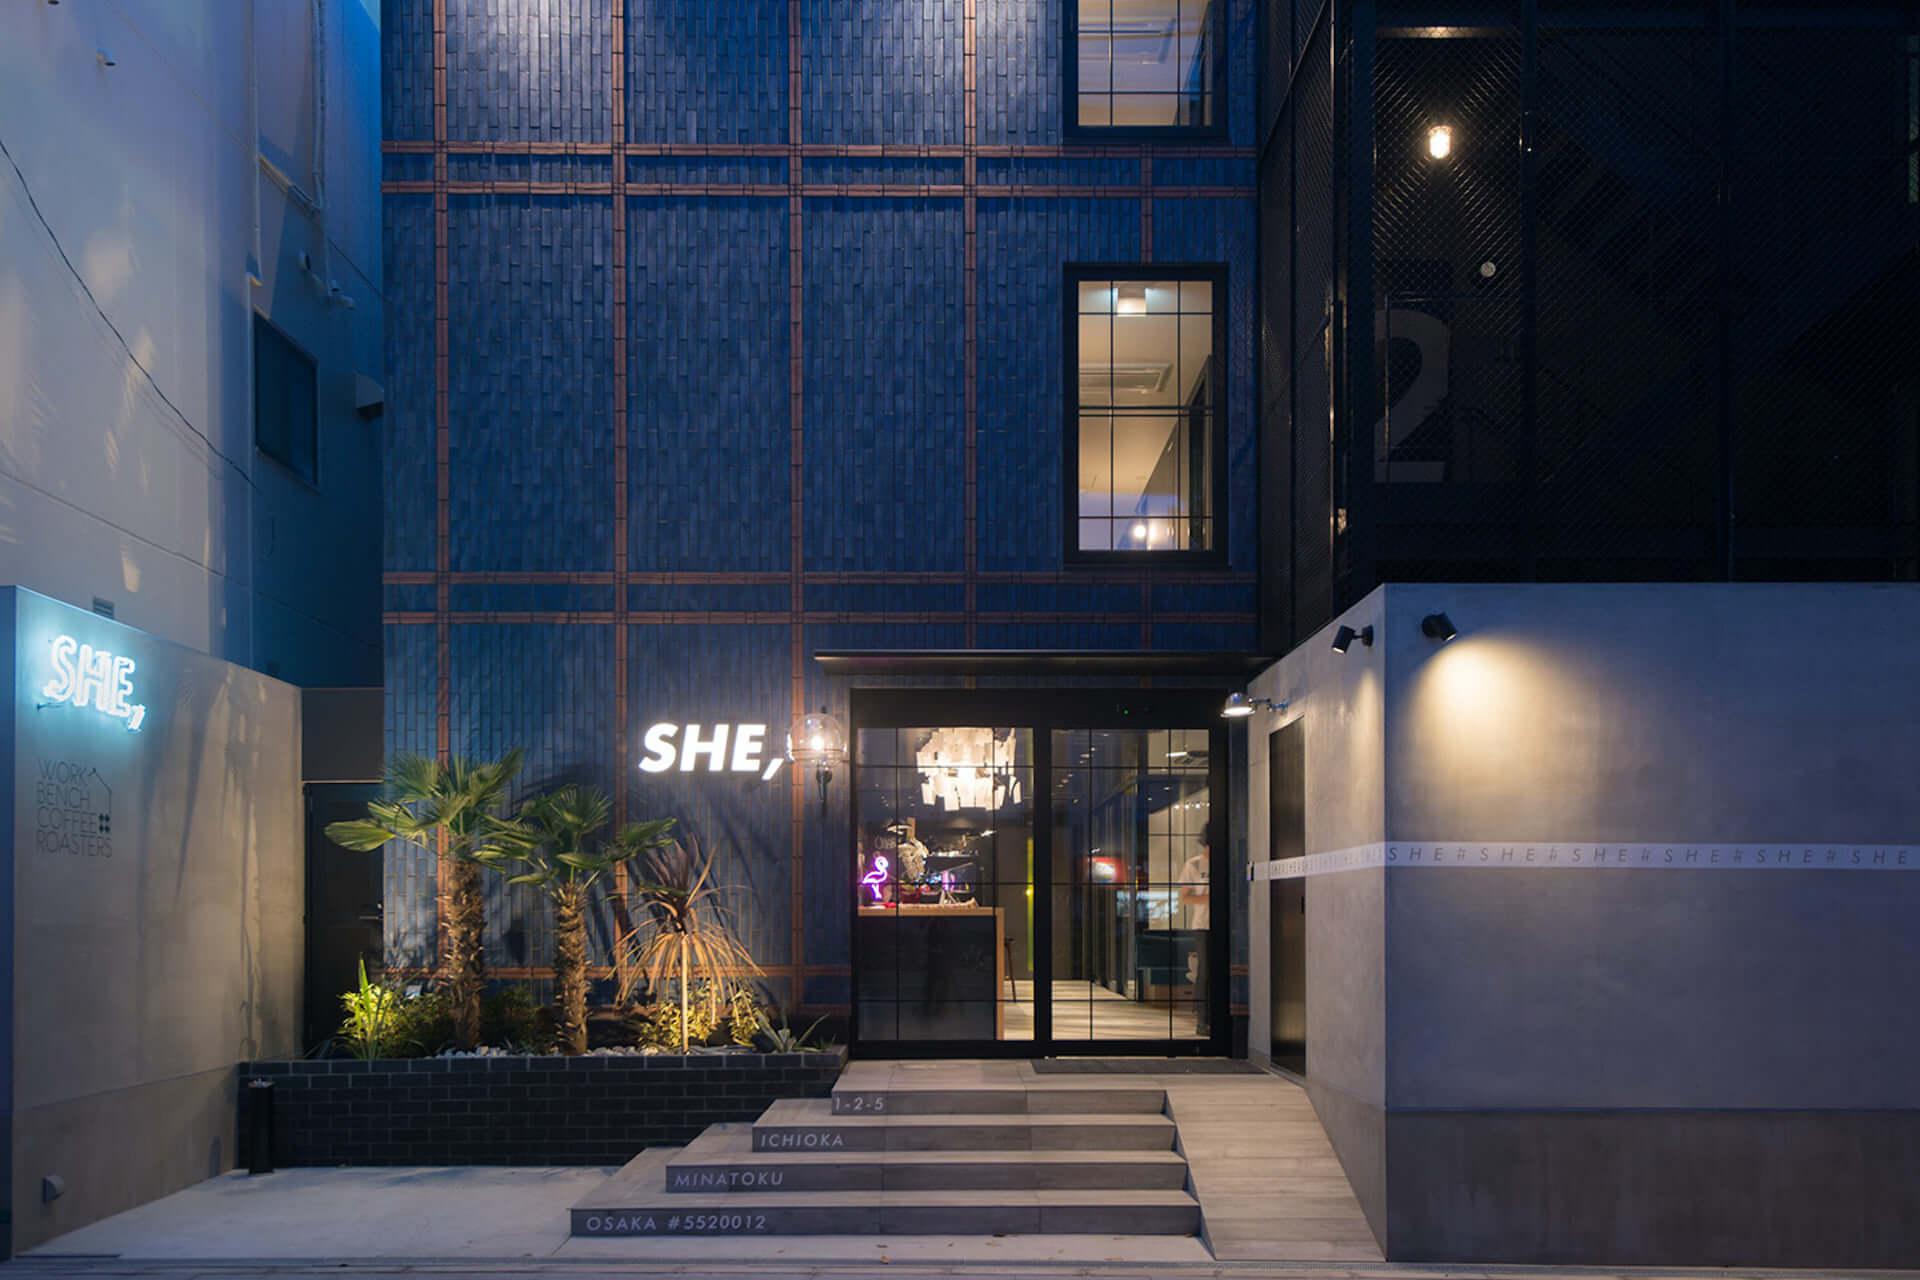 「She is」が月額会員サービスをアップデート|HOTEL SHE,のクーポンやデジタルコンテンツなど新たに展開 art200703_sheis_5-1920x1280